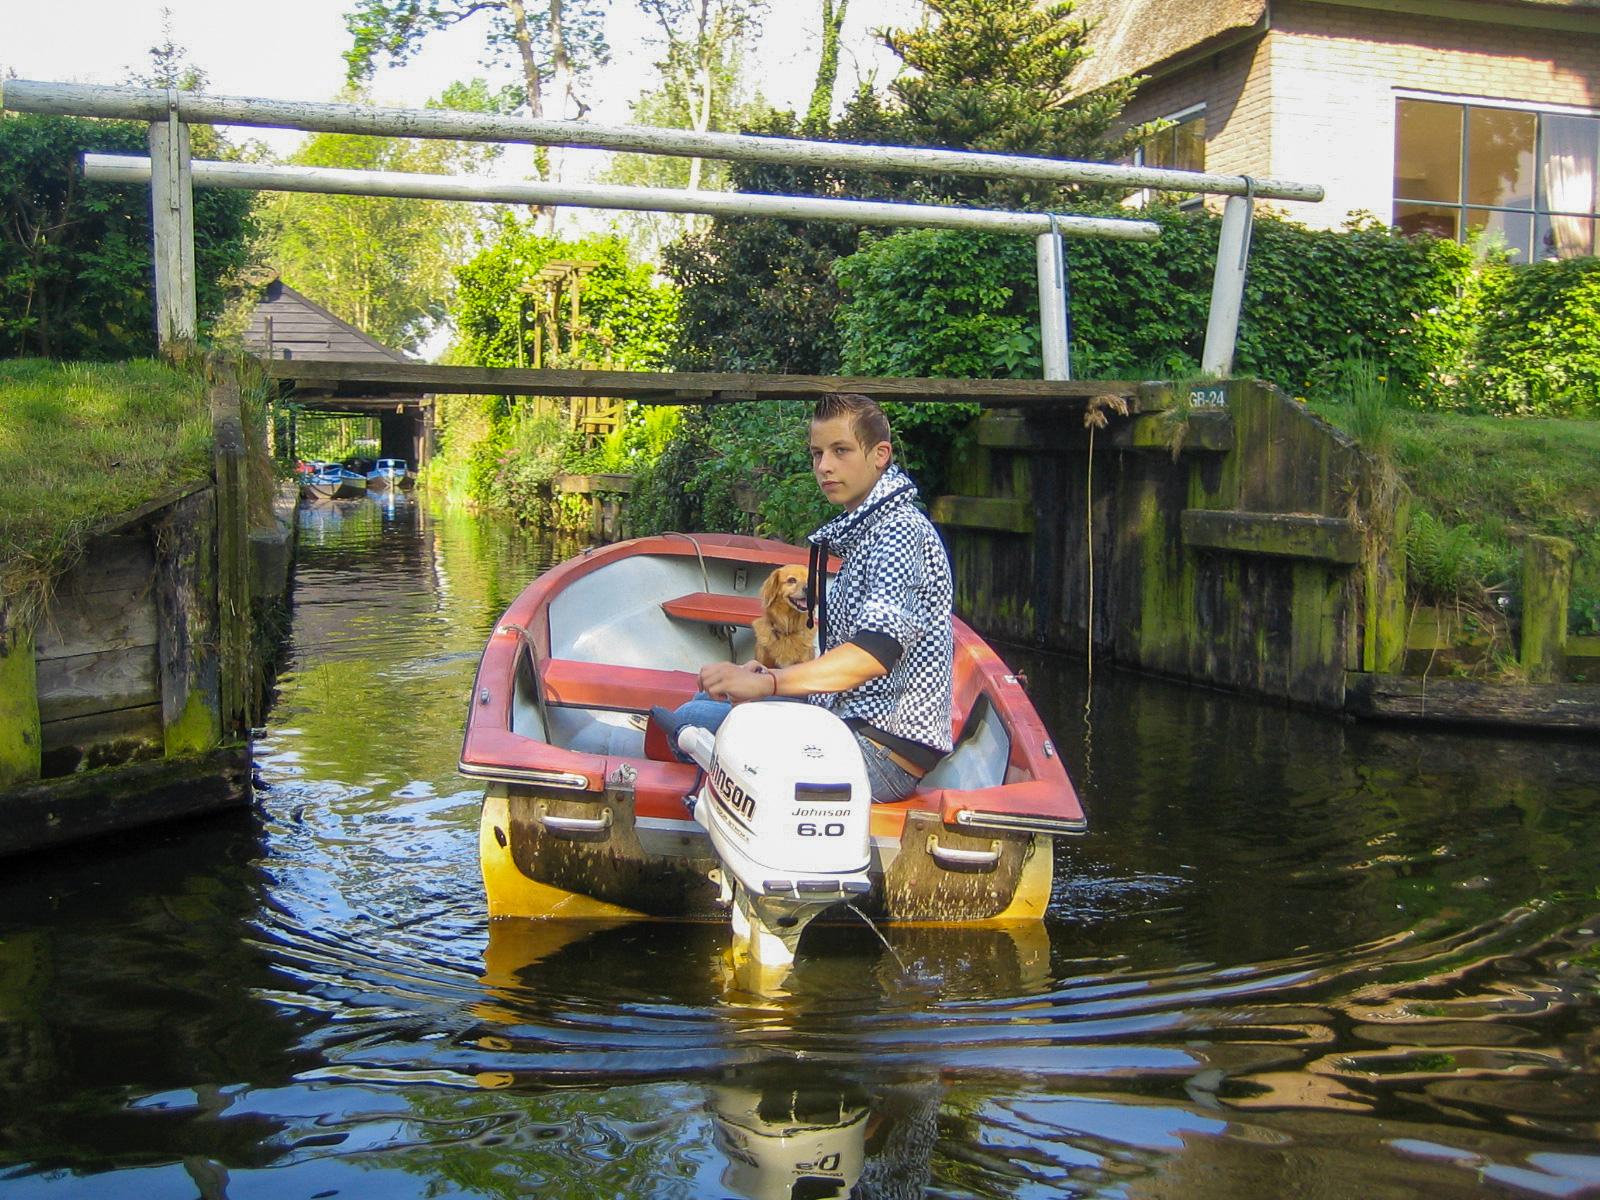 Eine Junge mit Hund in einem Boot auf einer Gracht während einer Bootstour in Giethoorn